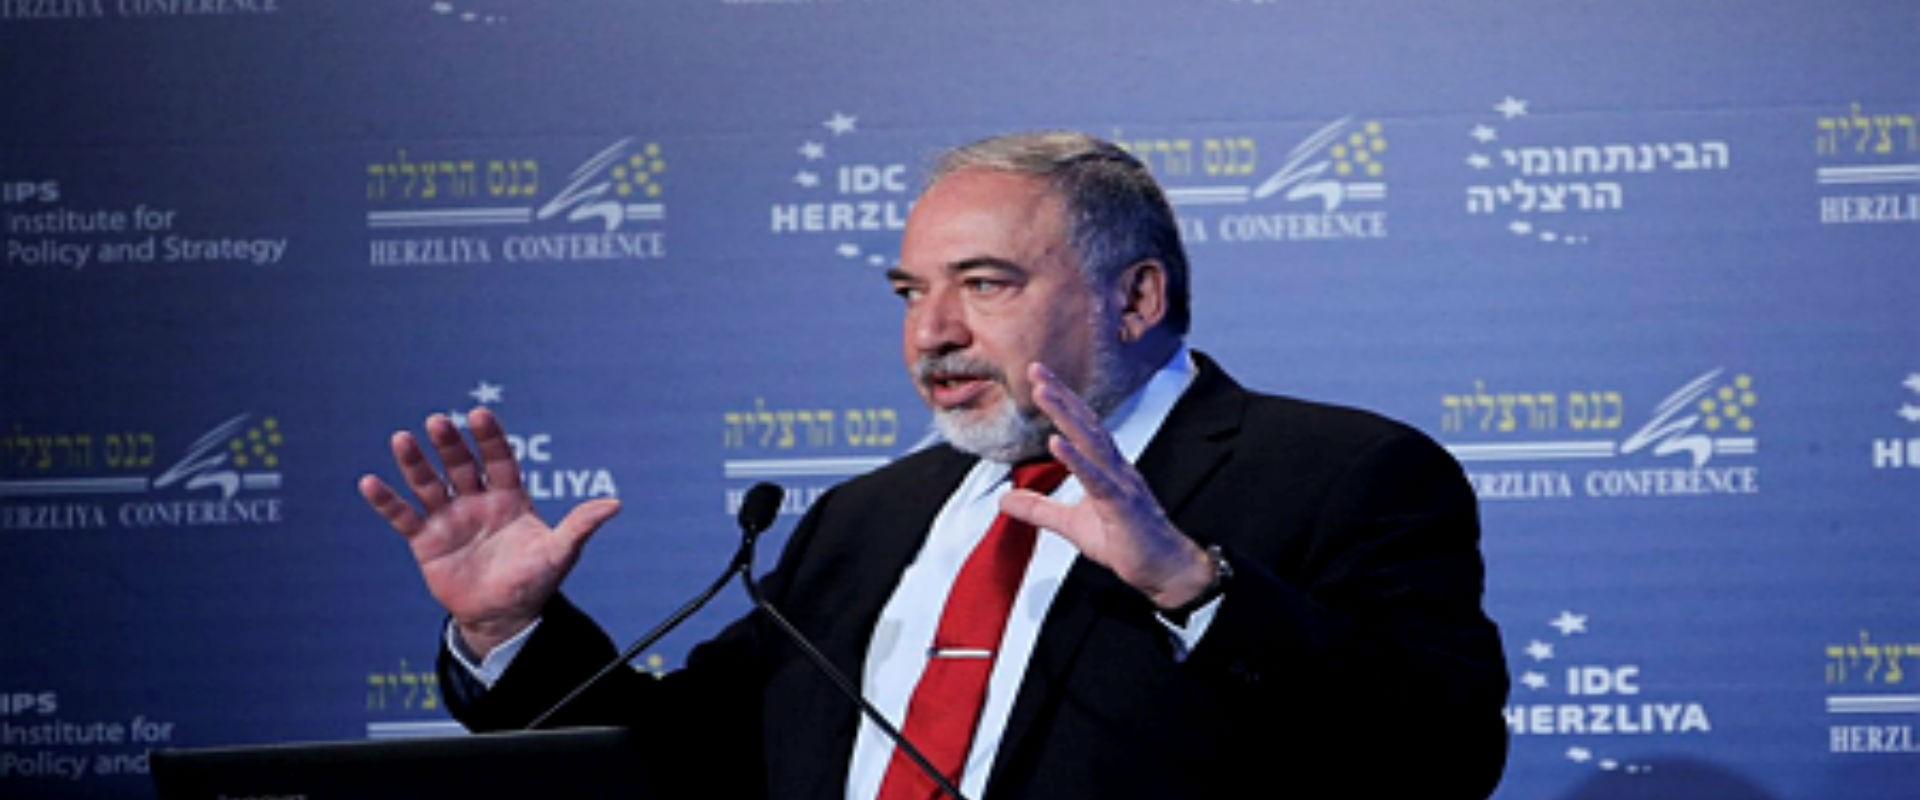 שר הביטחון אביגדור ליברמן בכנס הרצליה, היום